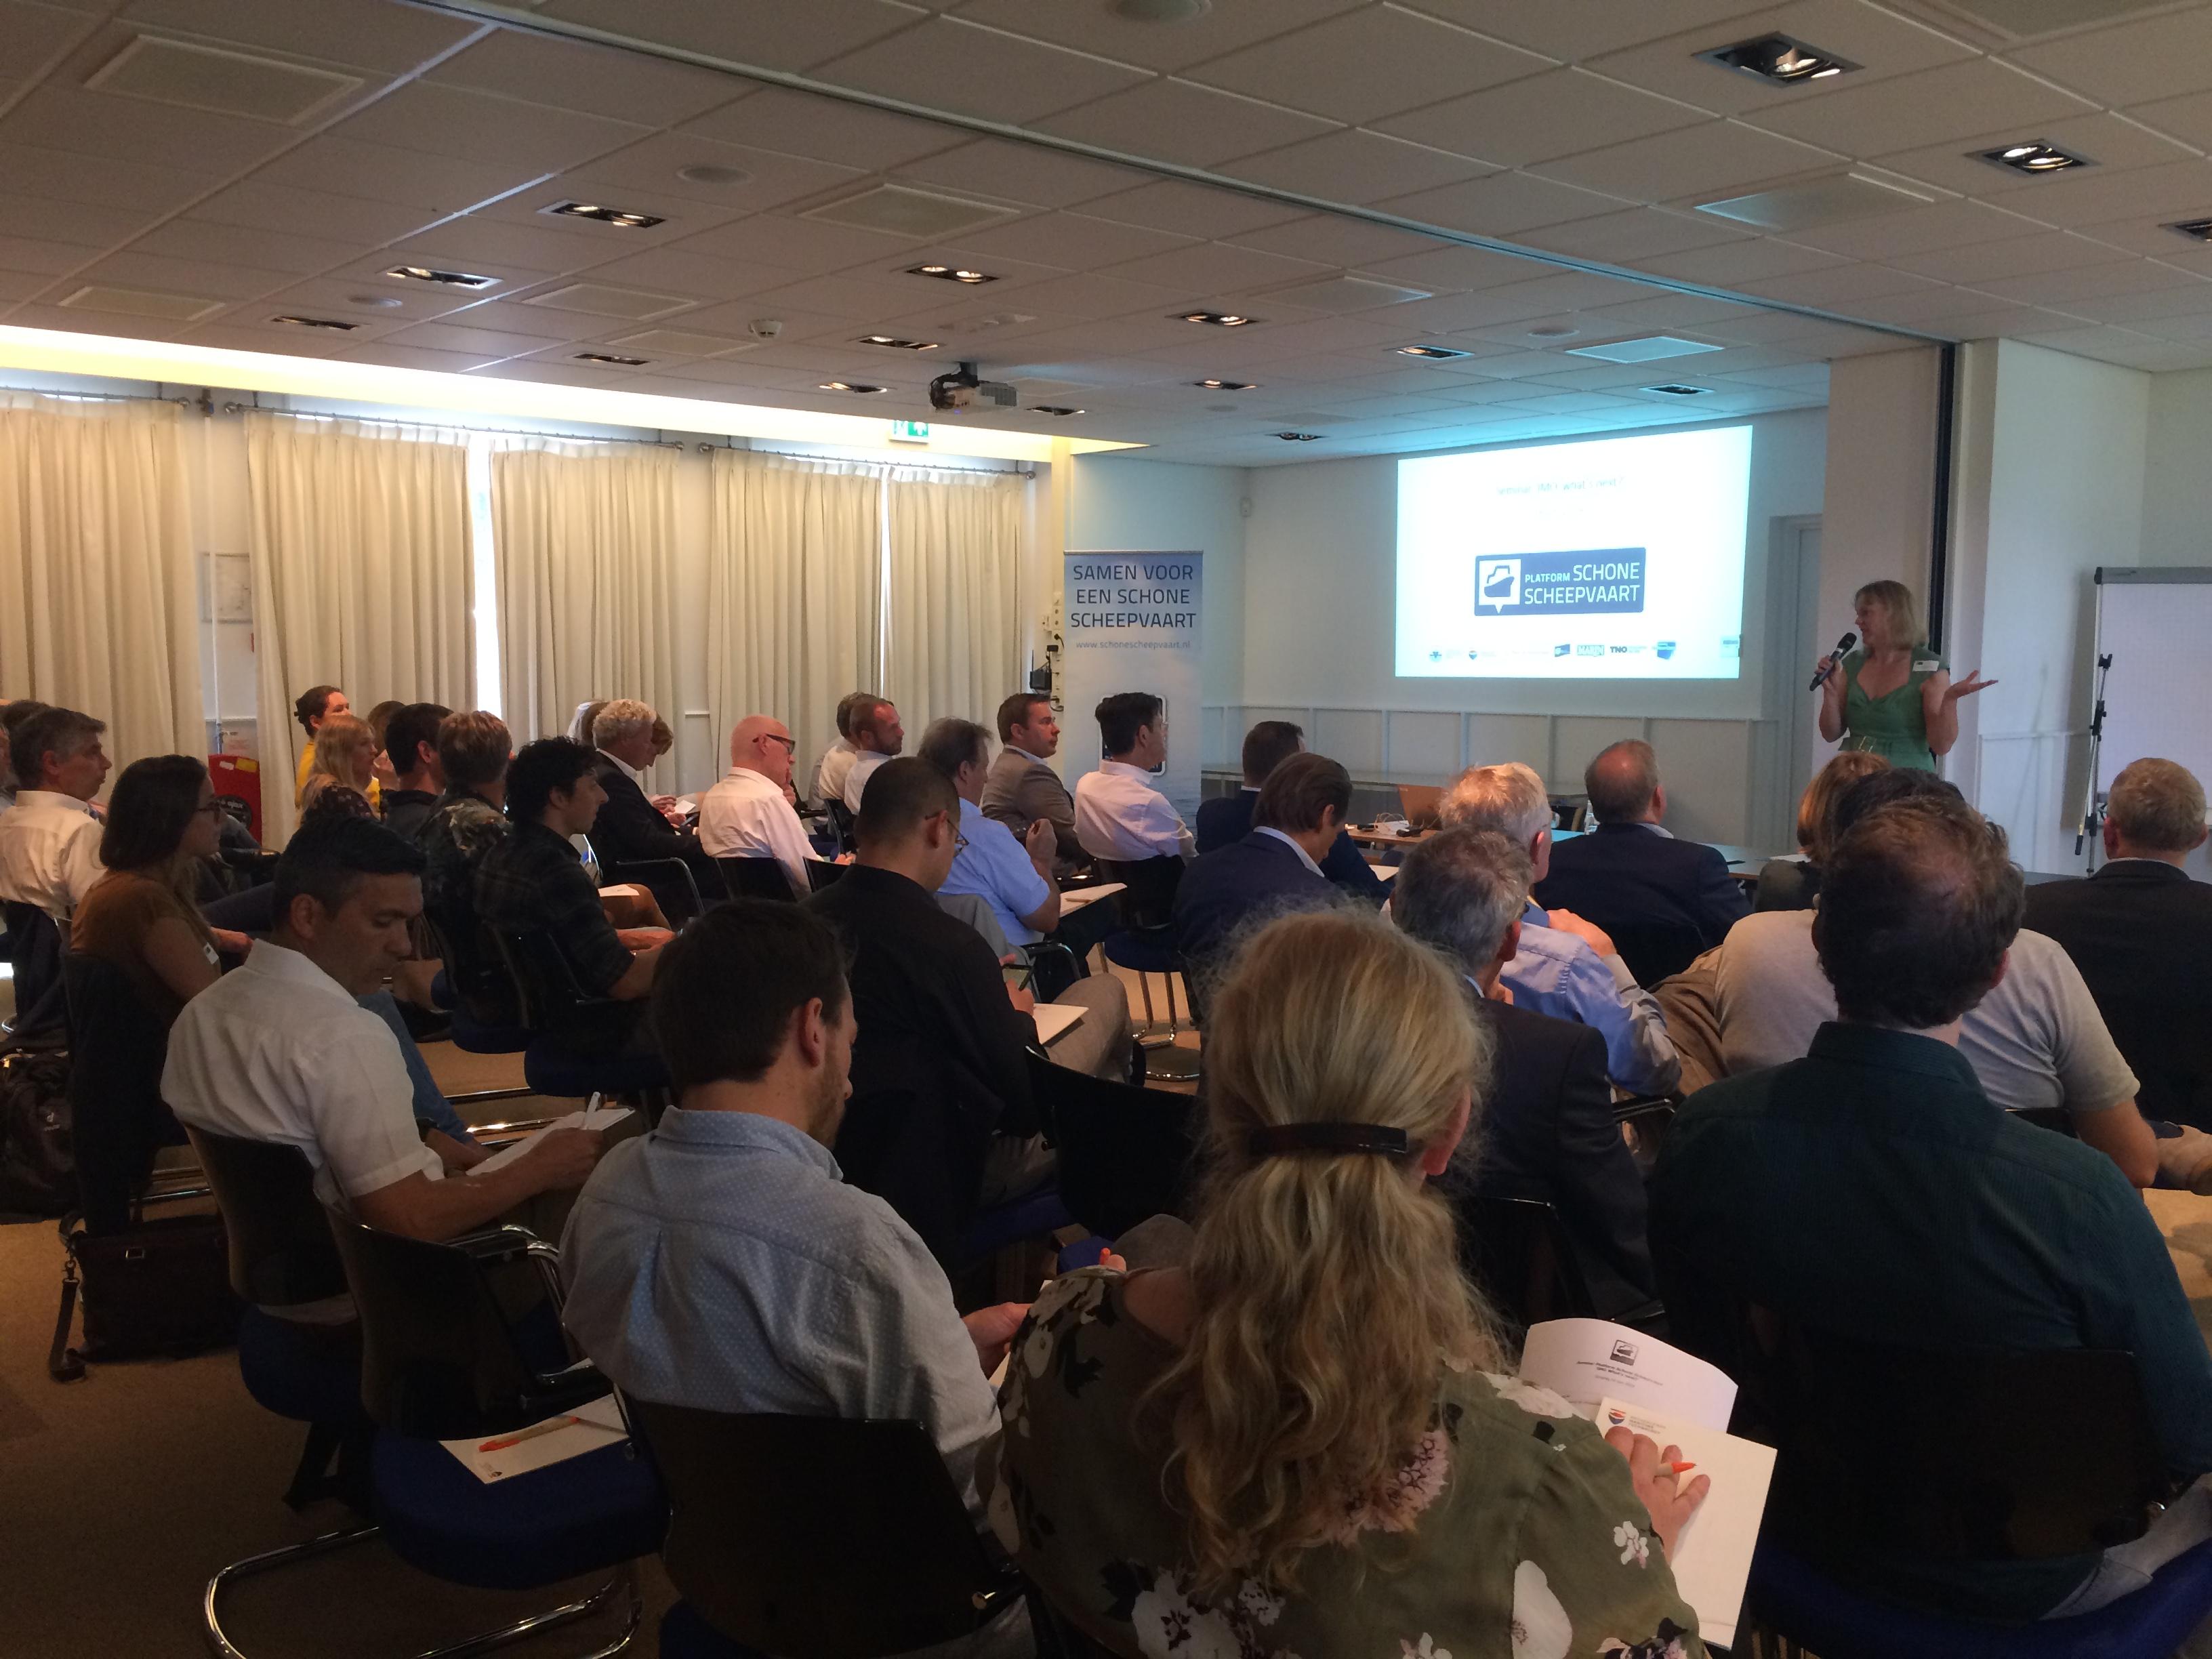 Seminar IMO: What's next geeft totaaloverzicht van emissie- en milieuregelgeving